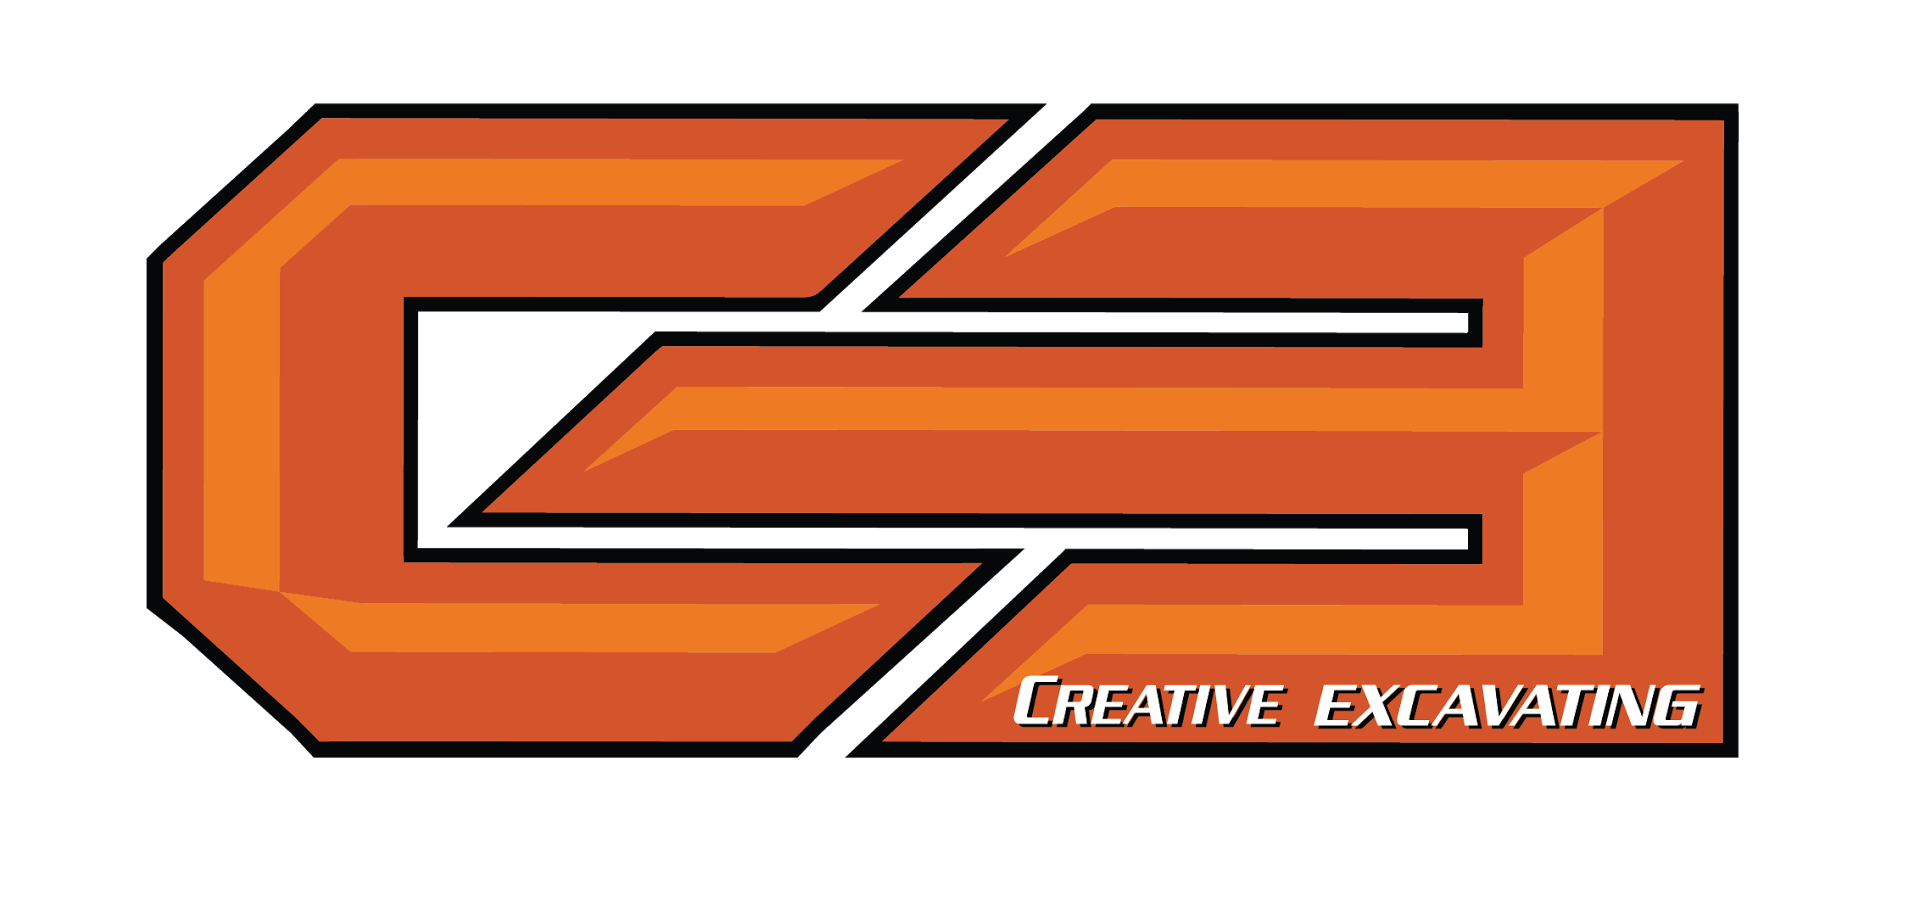 Creative Excavating